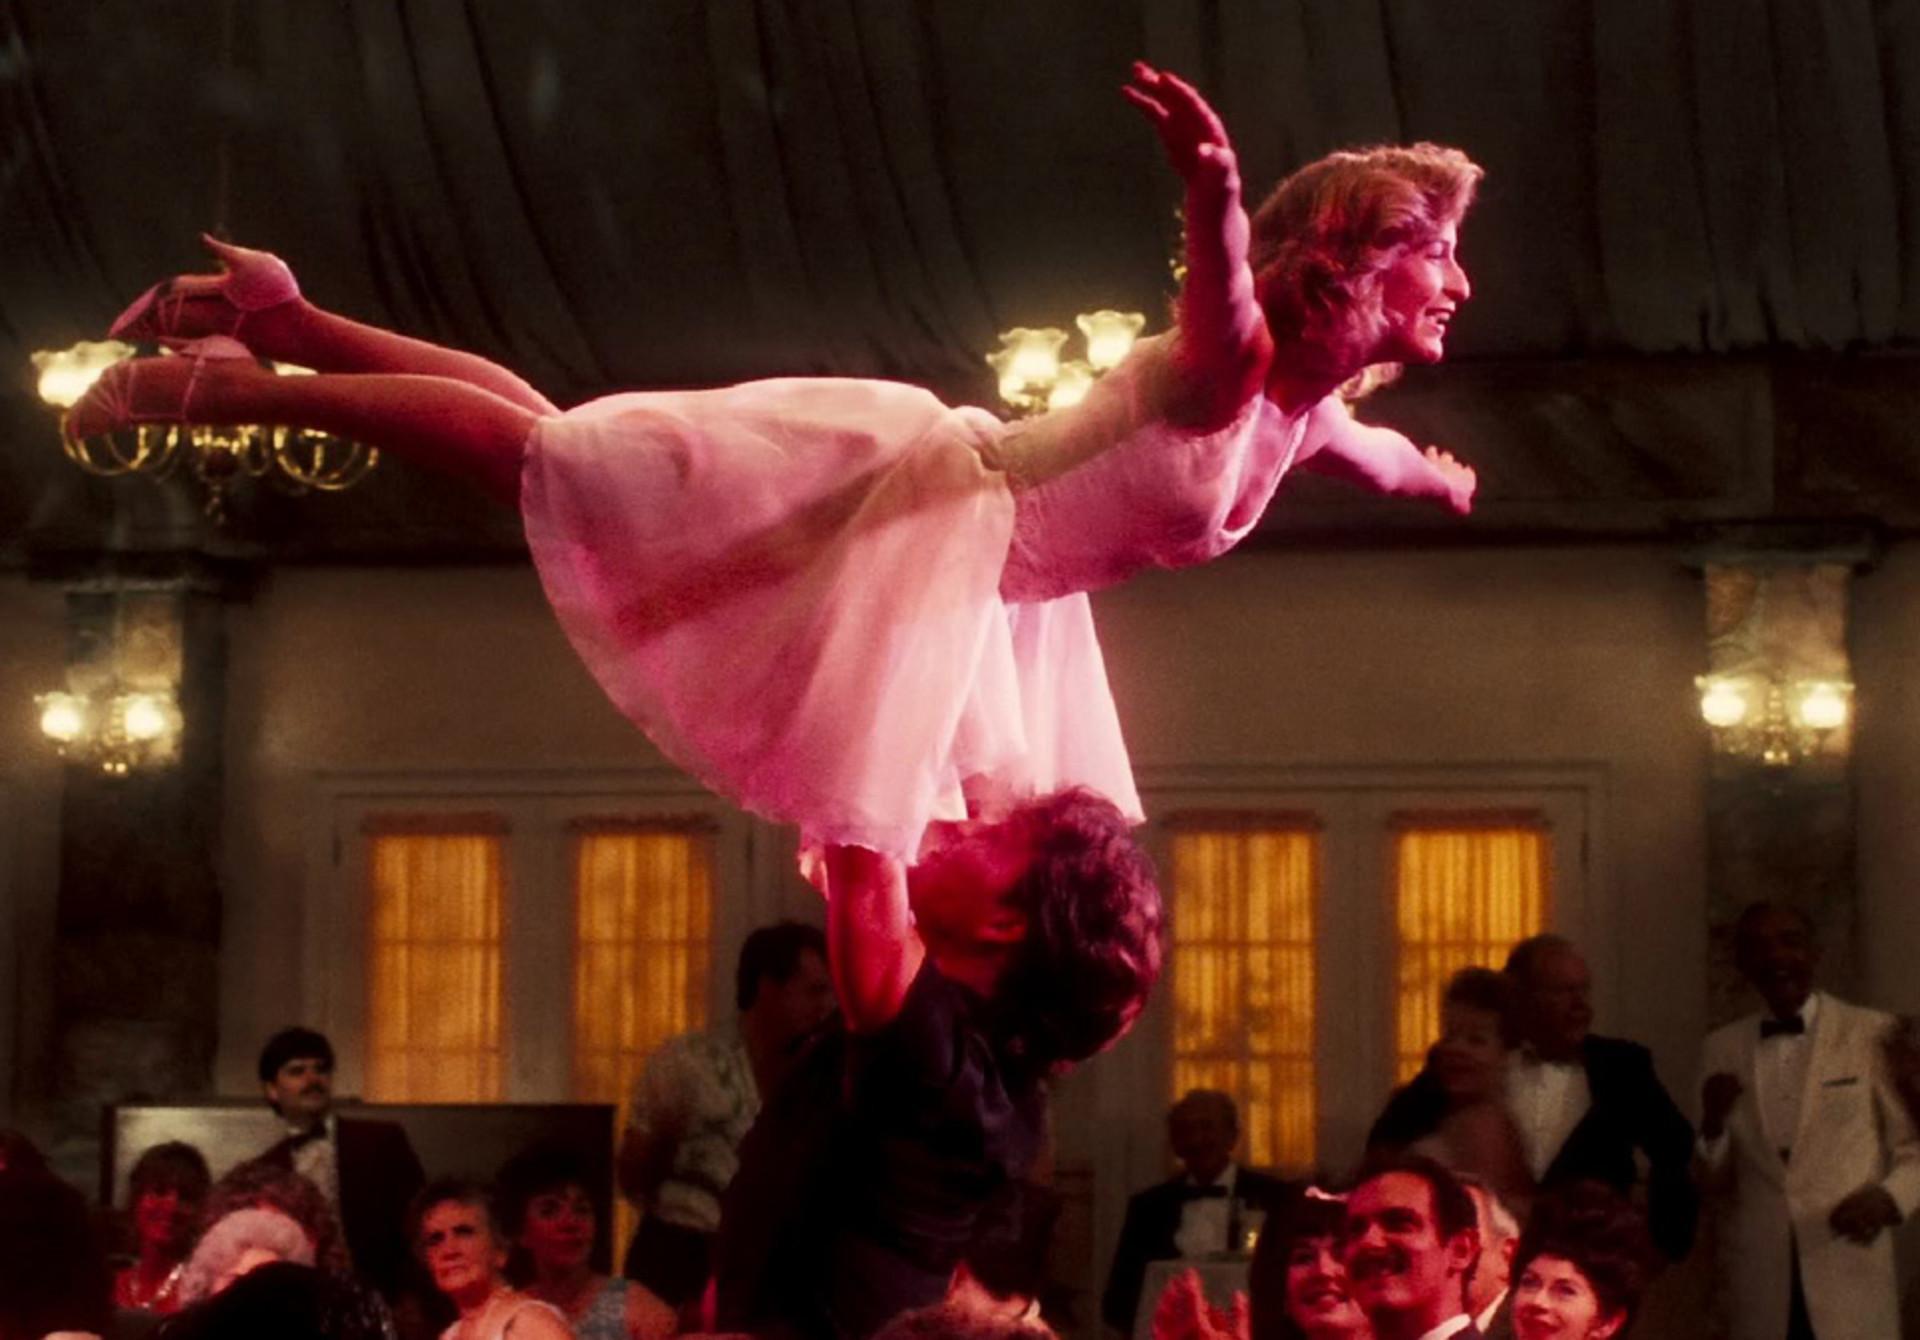 Res: 1920x1340, Potsdam war im Sommer 1989 im Dirty-Dancing-Fieber, vor dem Blauhaus kam es  zu Tumulten